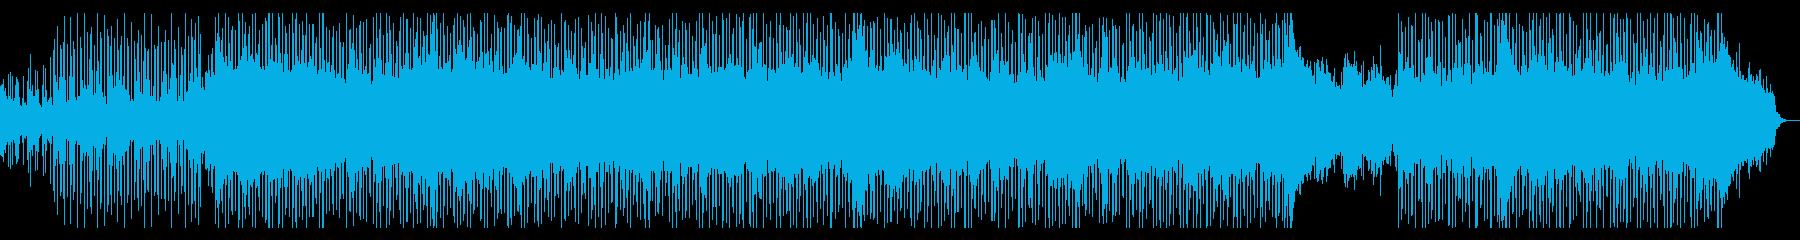 企業VP・疾走感あるロックテイストEDMの再生済みの波形